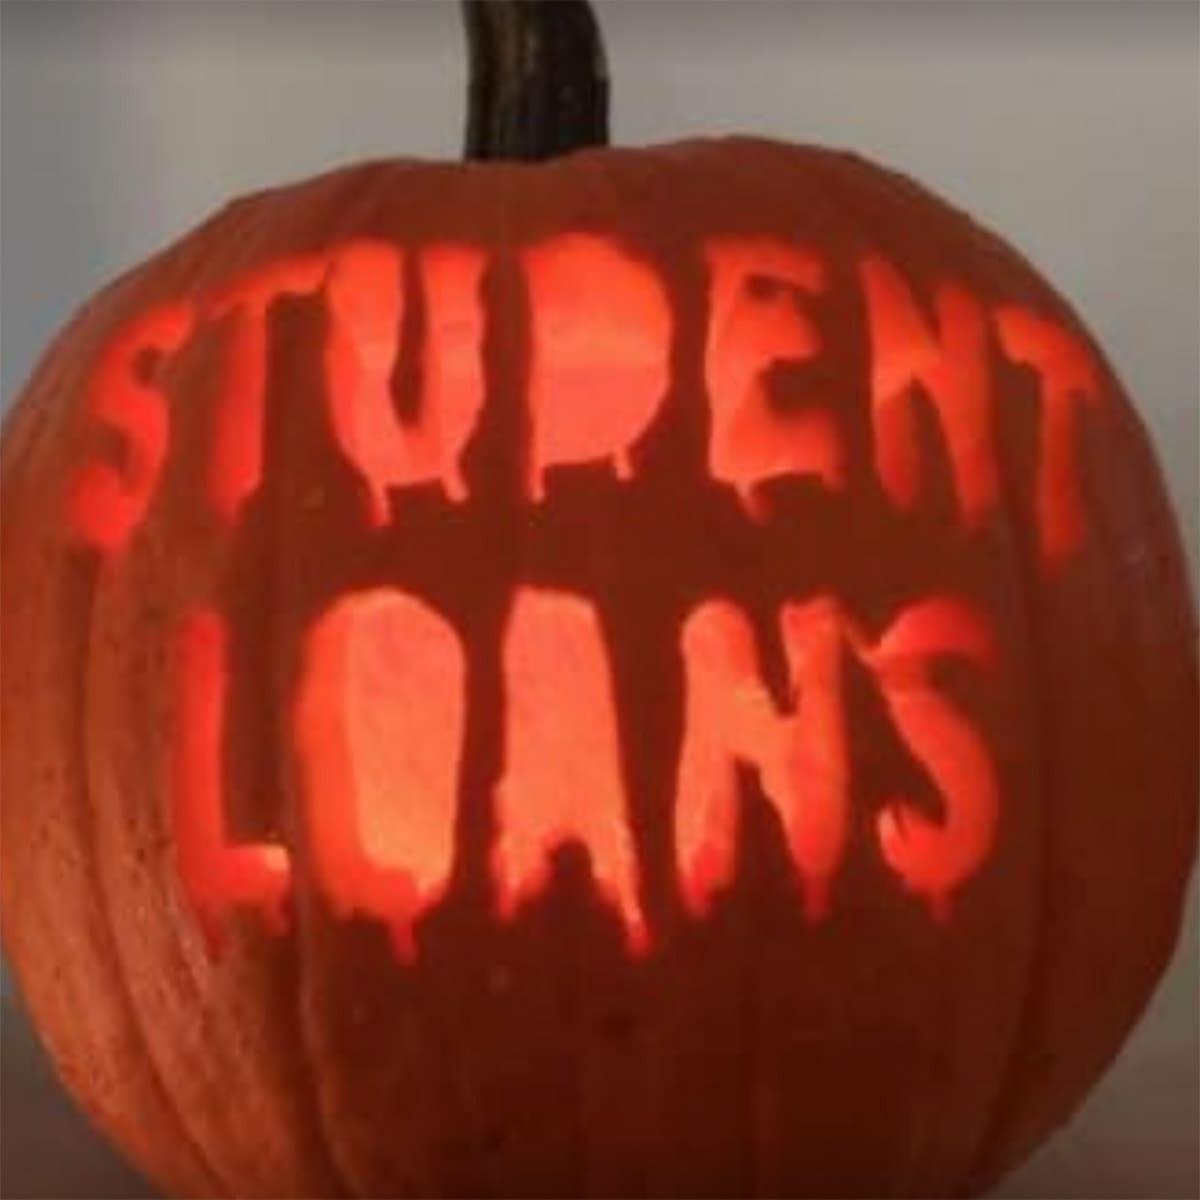 student loans pumpkin